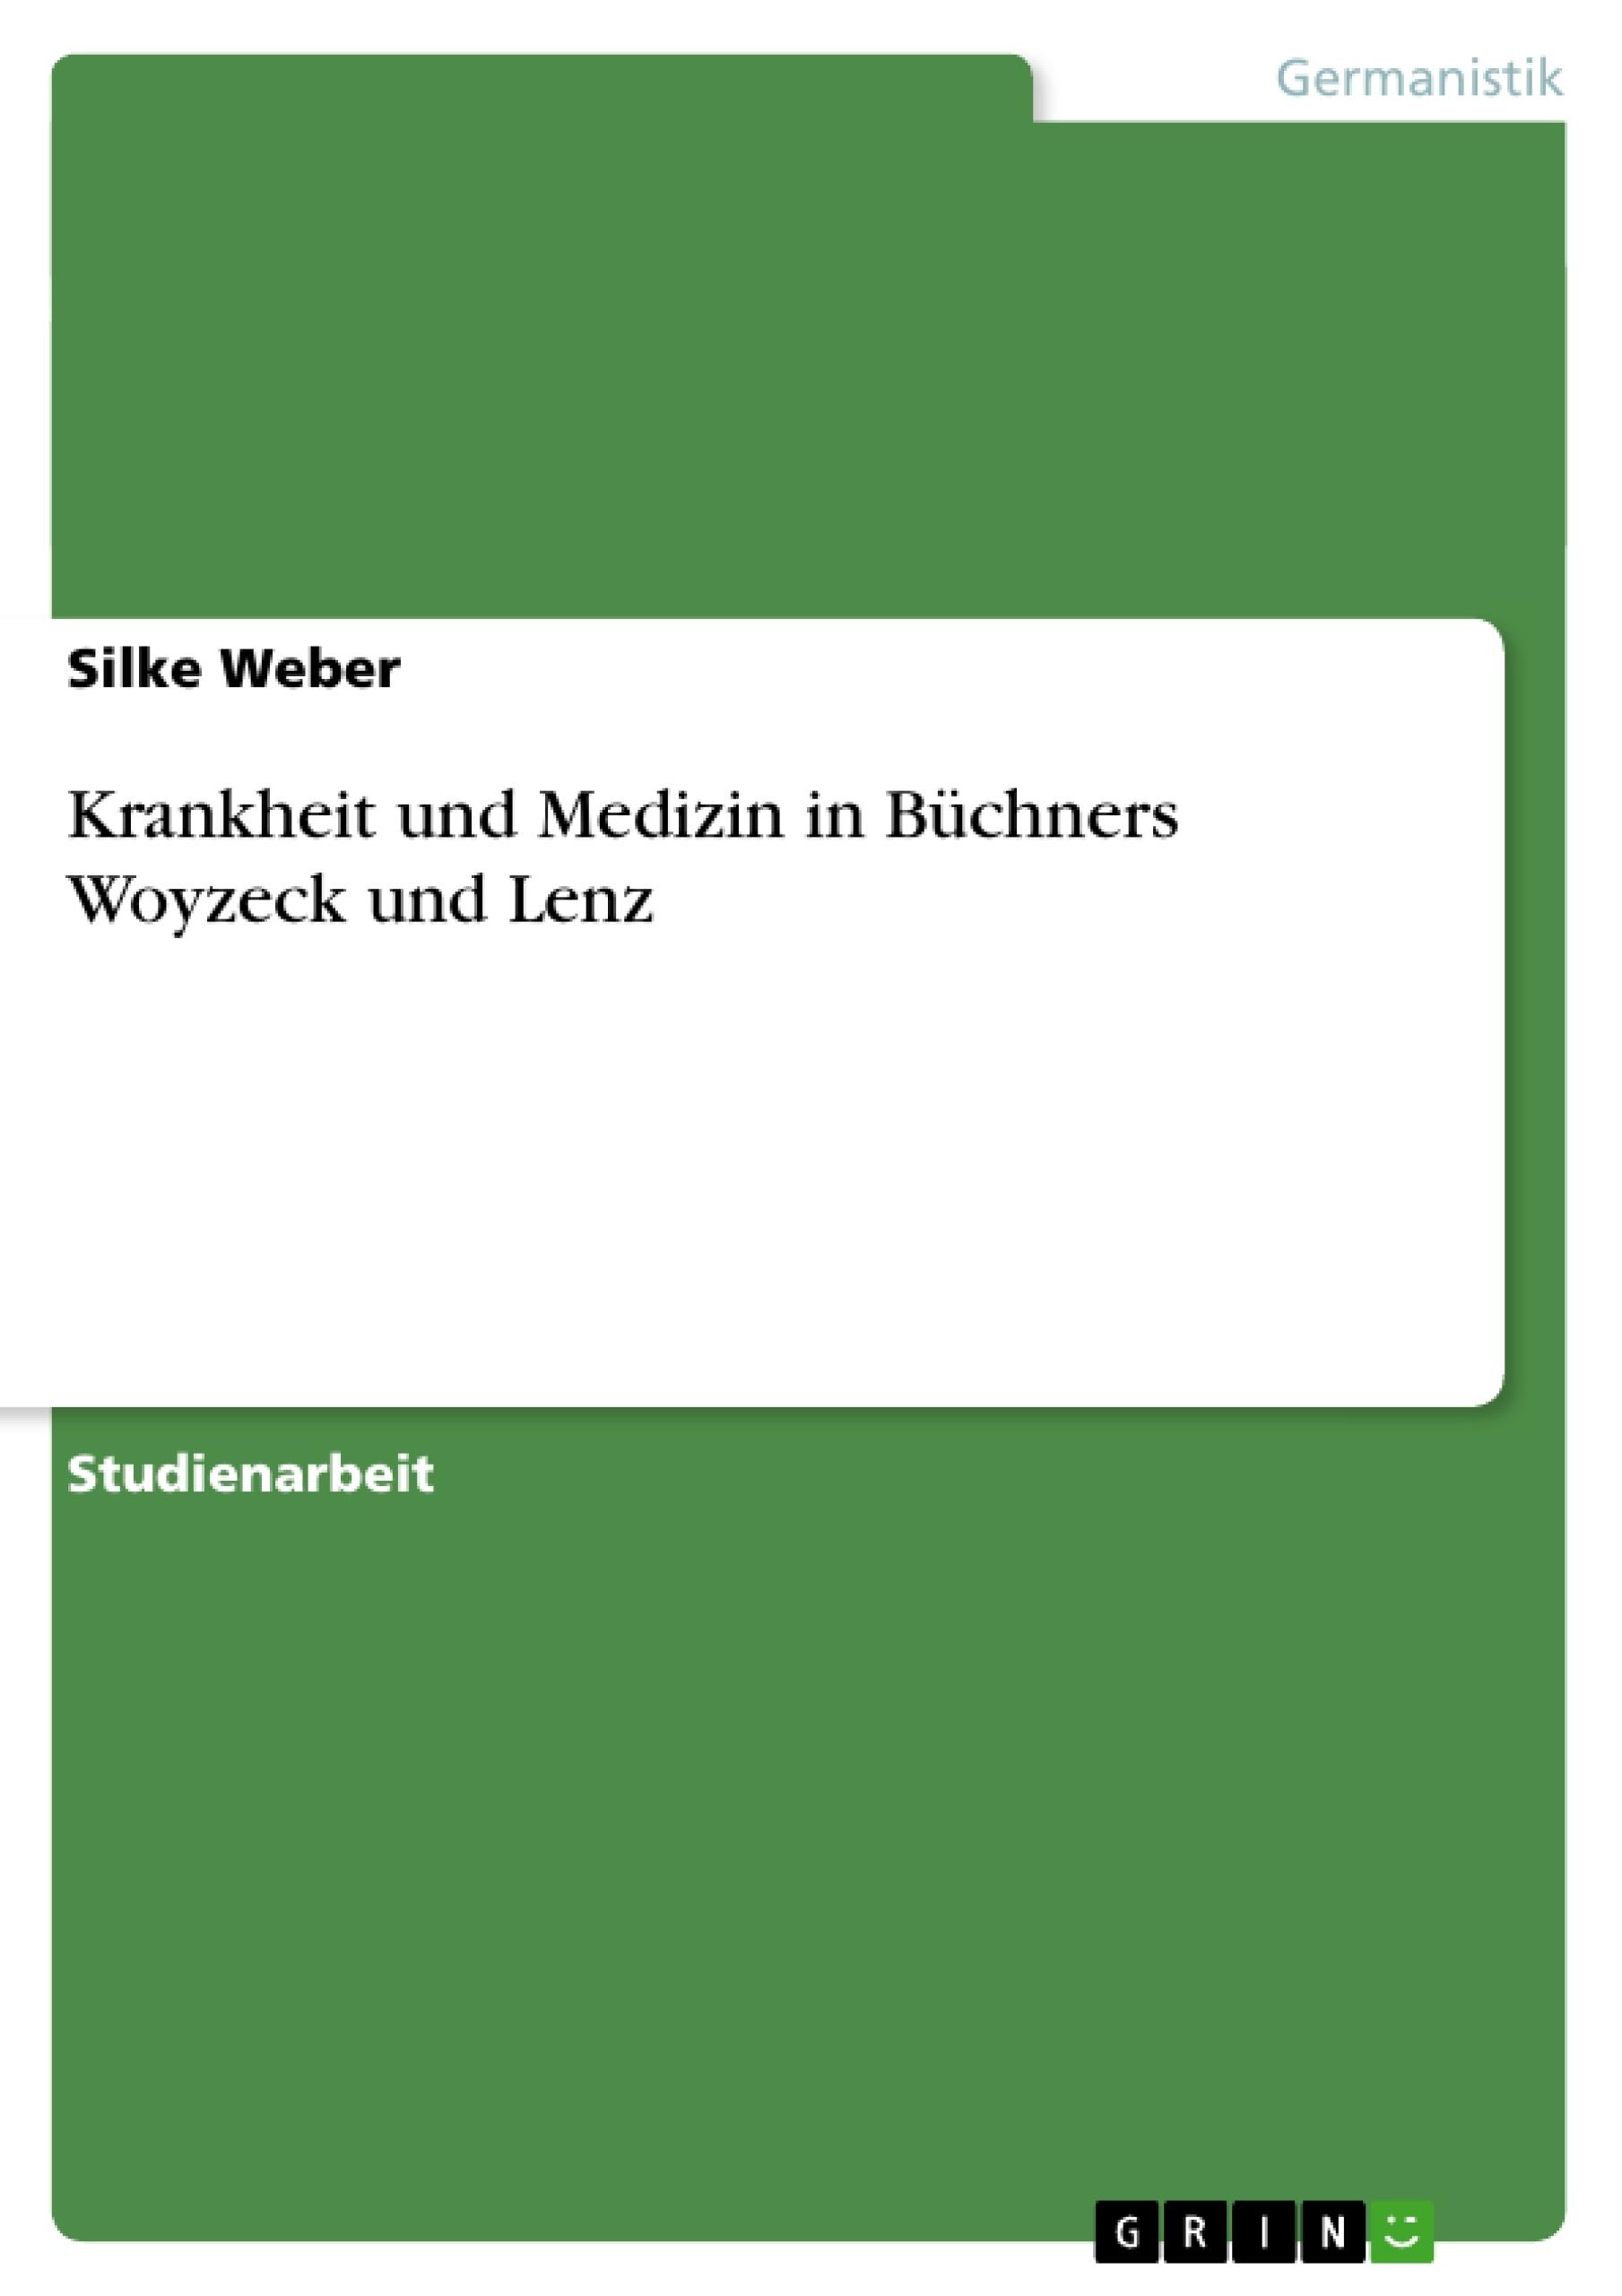 Titel: Krankheit und Medizin in Büchners Woyzeck und Lenz